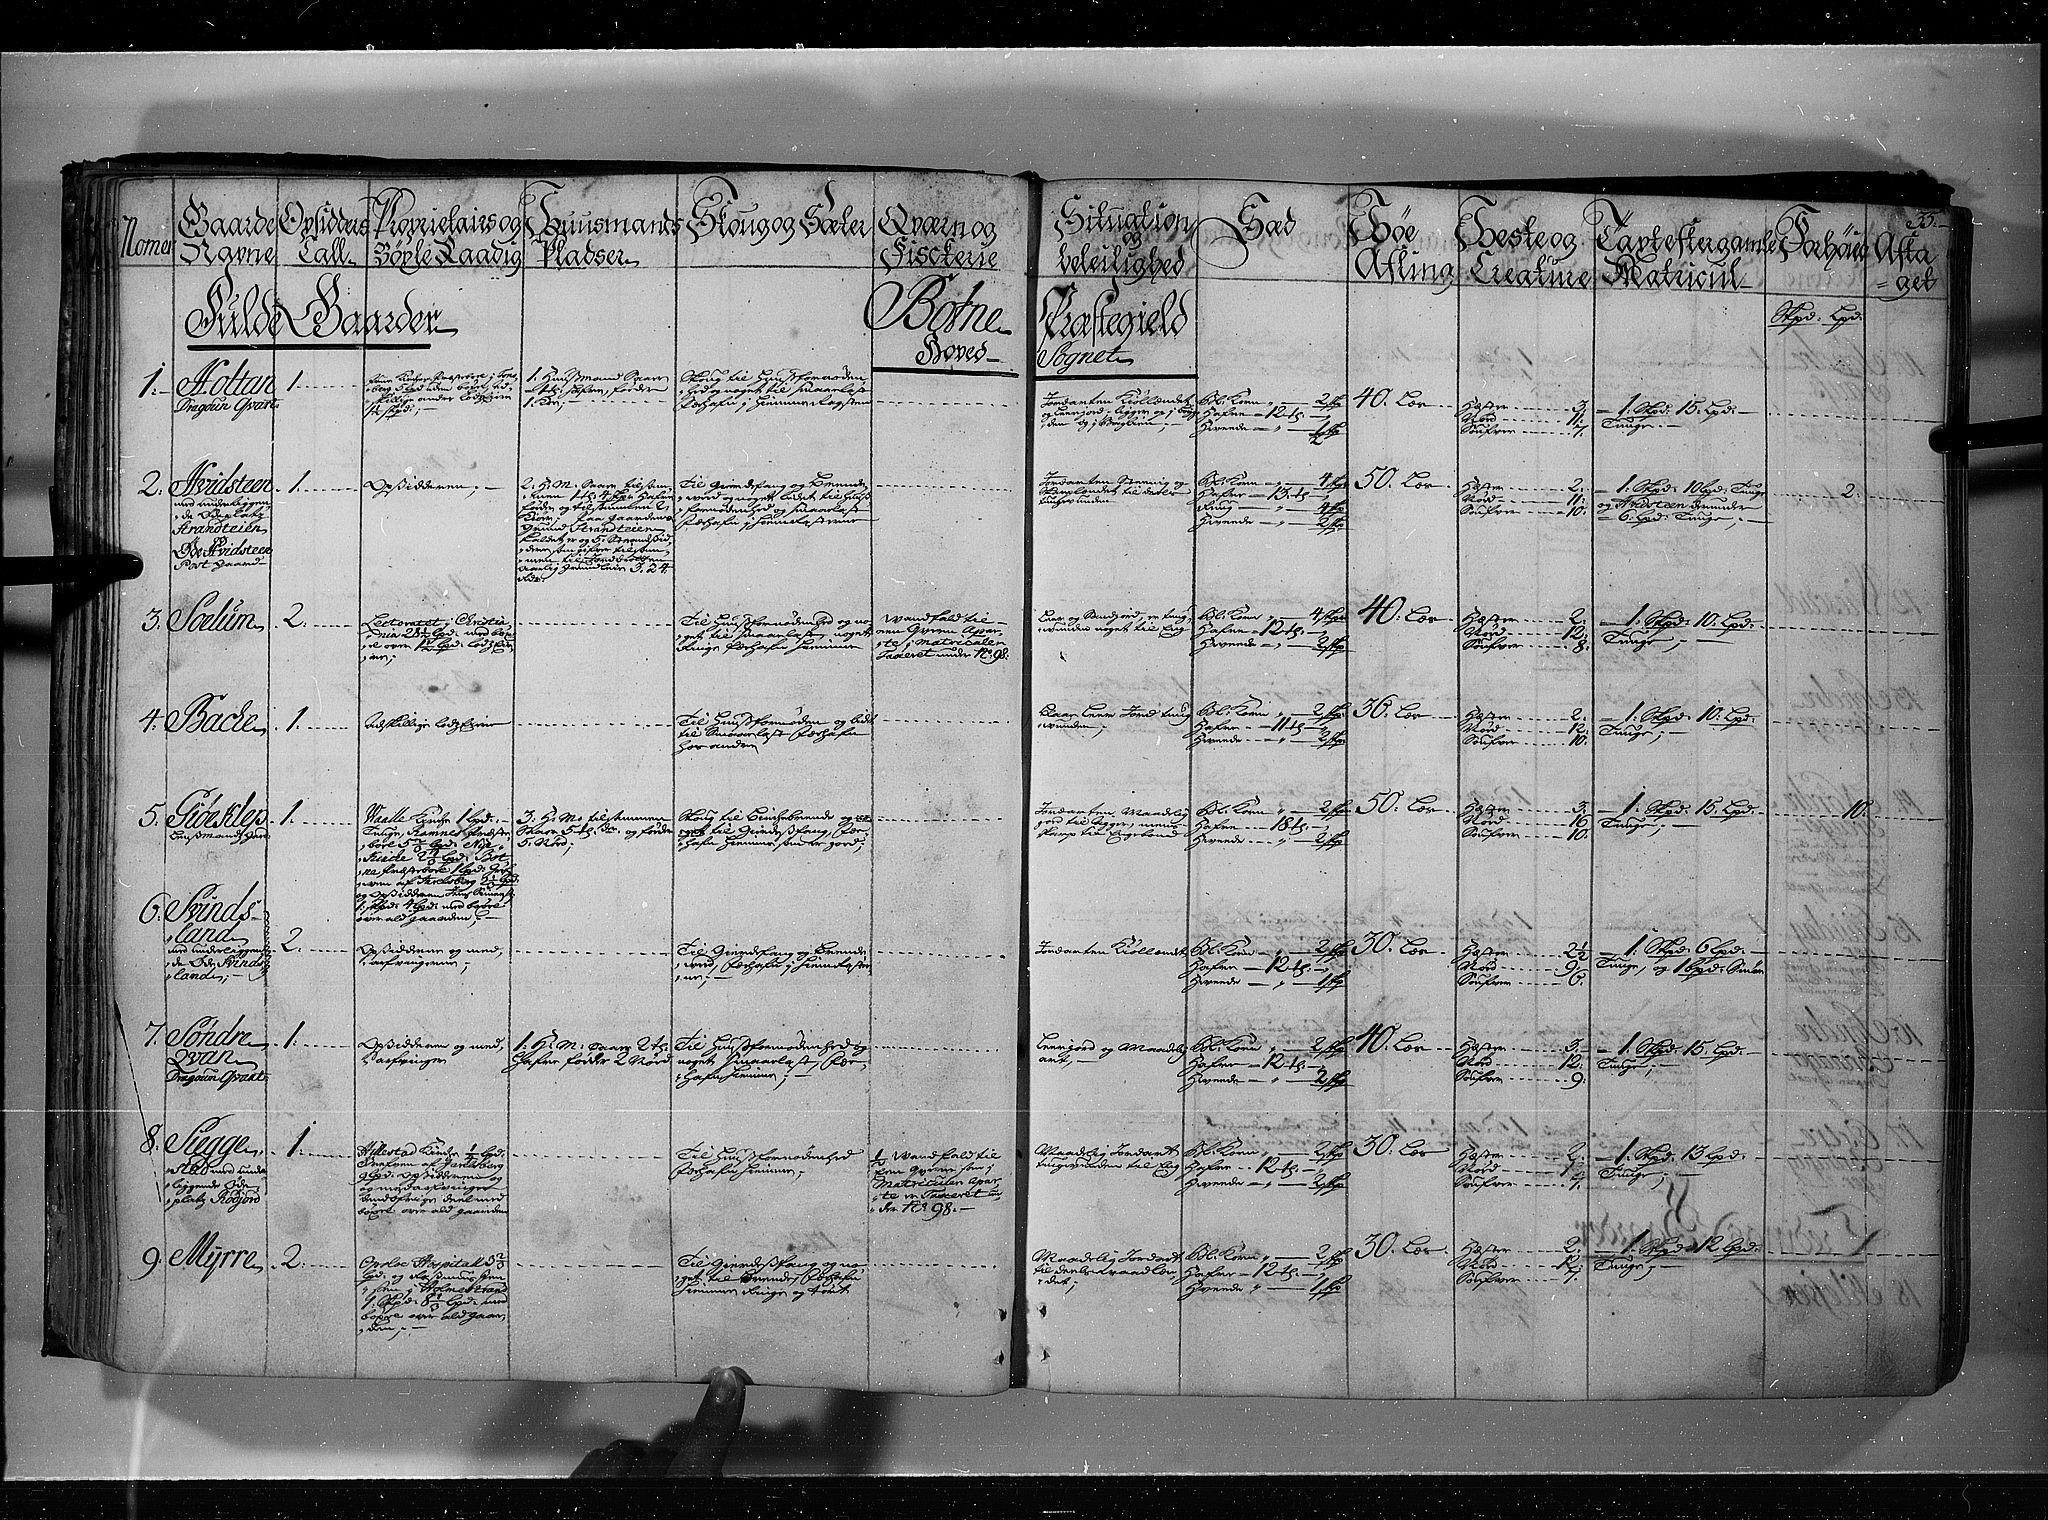 RA, Rentekammeret inntil 1814, Realistisk ordnet avdeling, N/Nb/Nbf/L0115: Jarlsberg grevskap eksaminasjonsprotokoll, 1723, s. 34b-35a